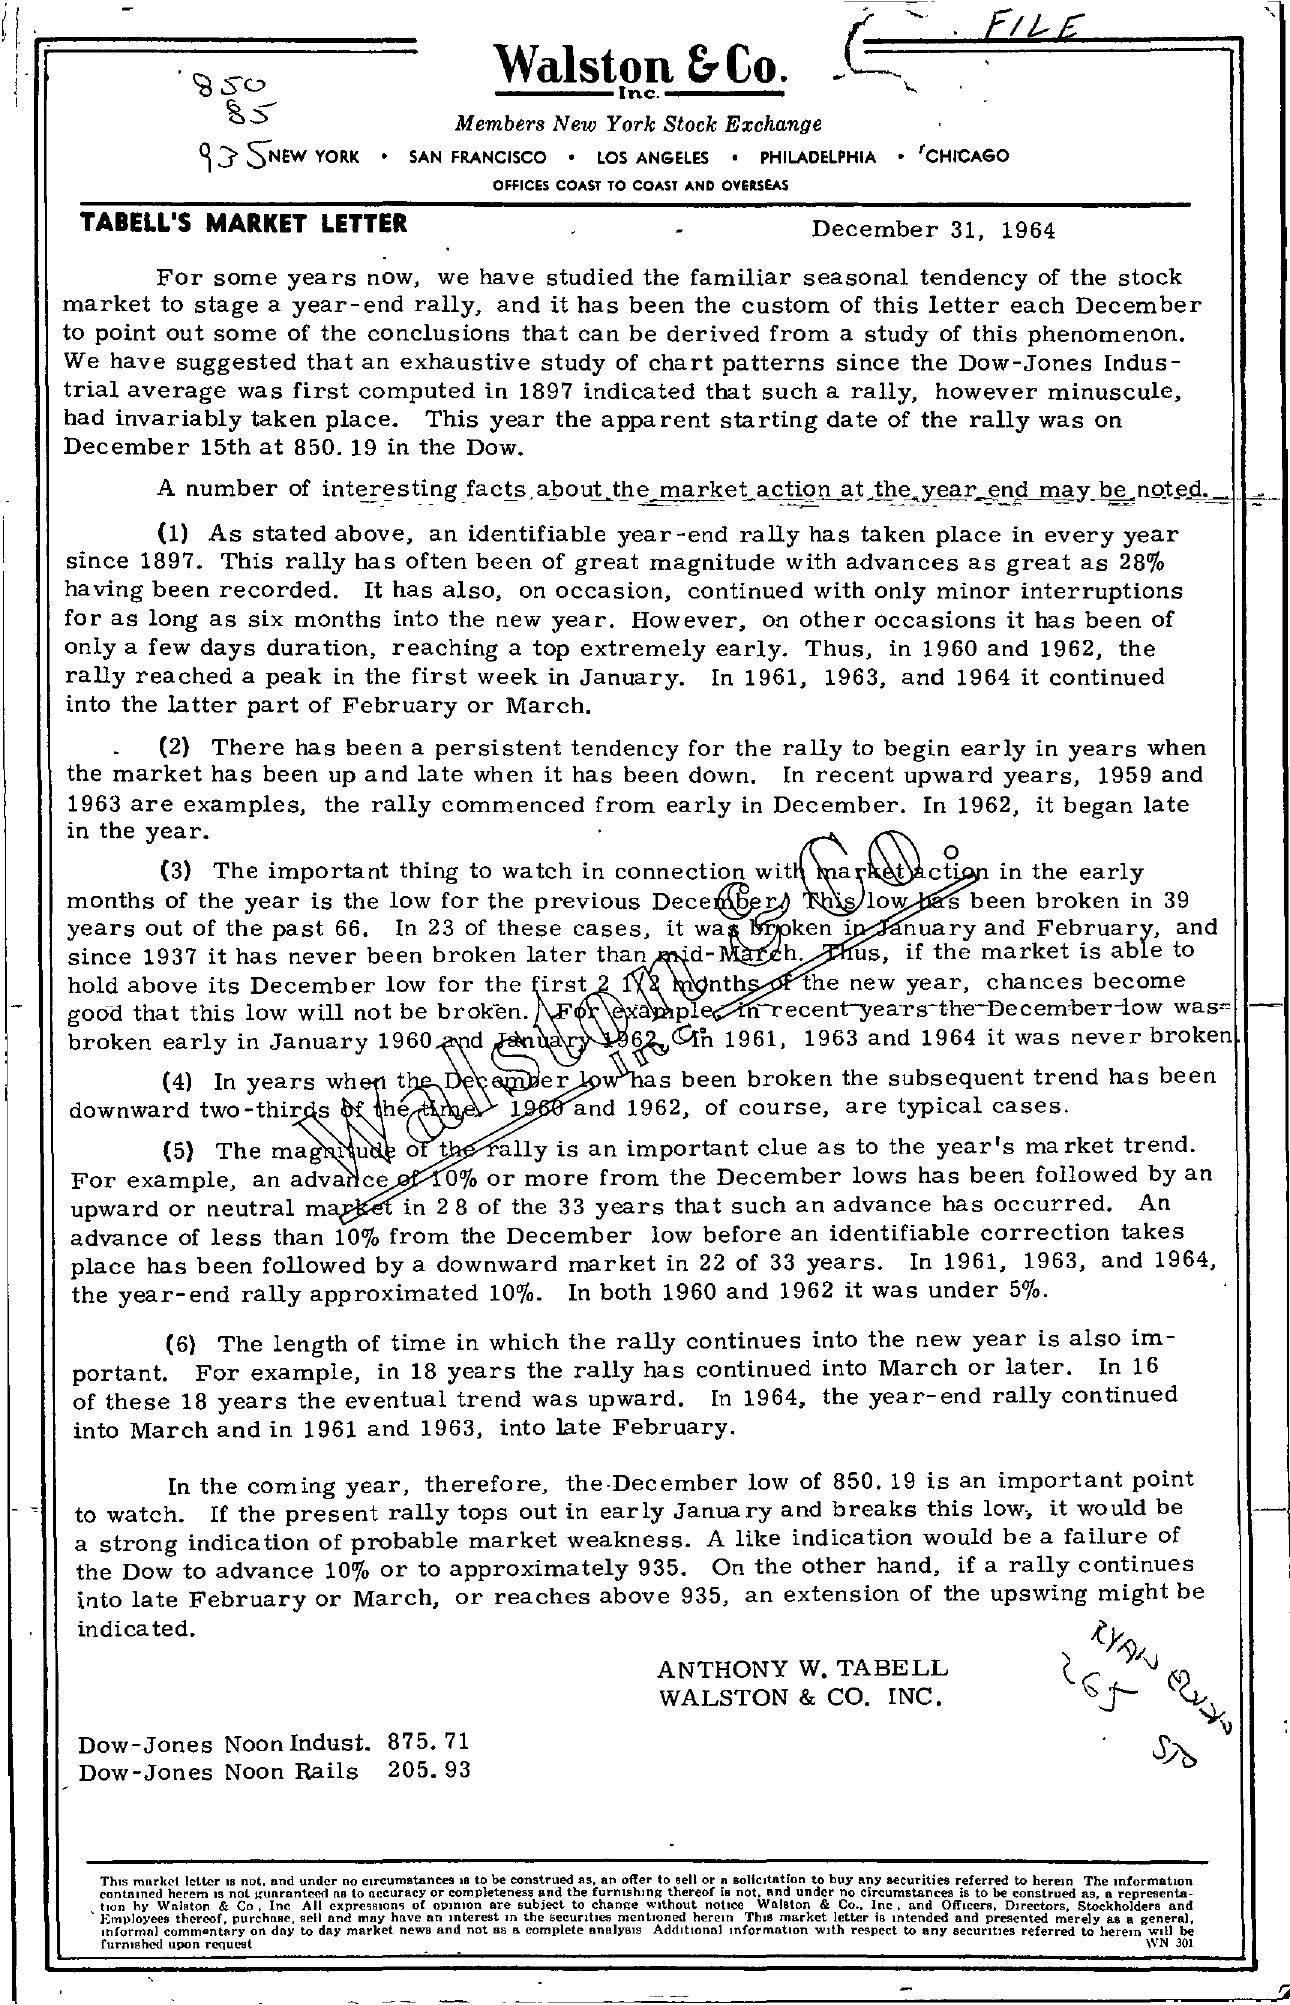 Tabell's Market Letter - December 31, 1964